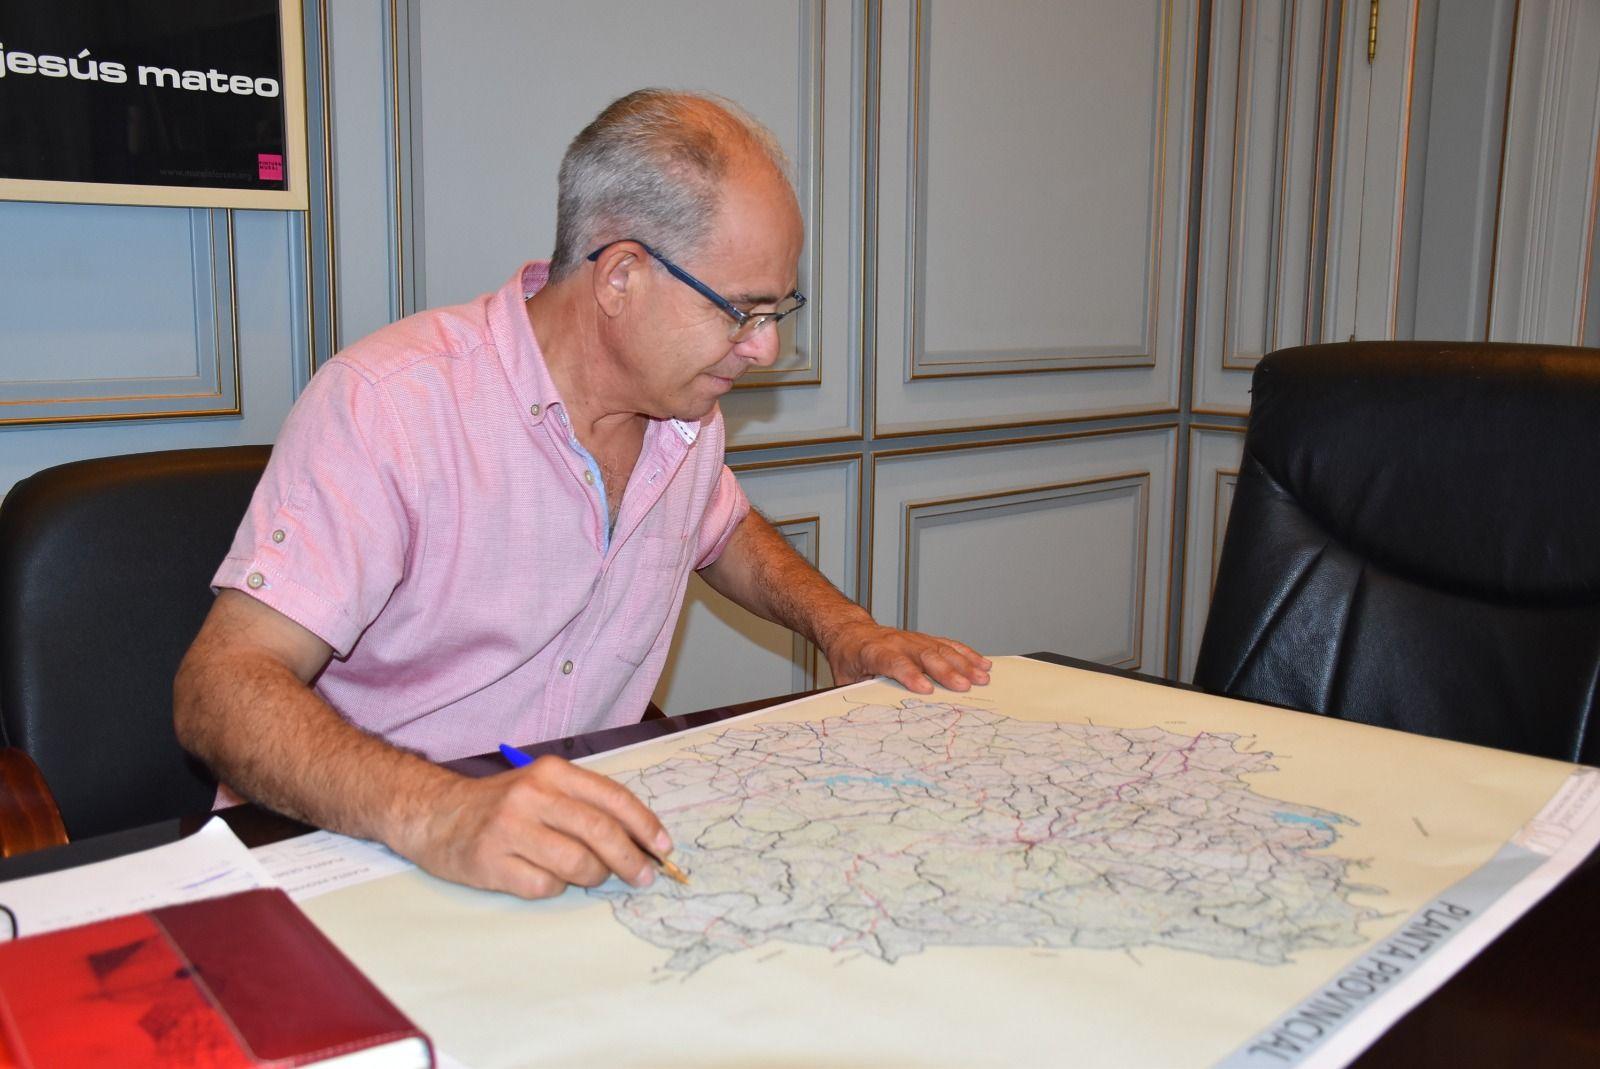 La Diputación de Cuenca ha actuado en 13,6 kilómetros y tiene proyectadas actuaciones en 11,5 km de la CUV-5003